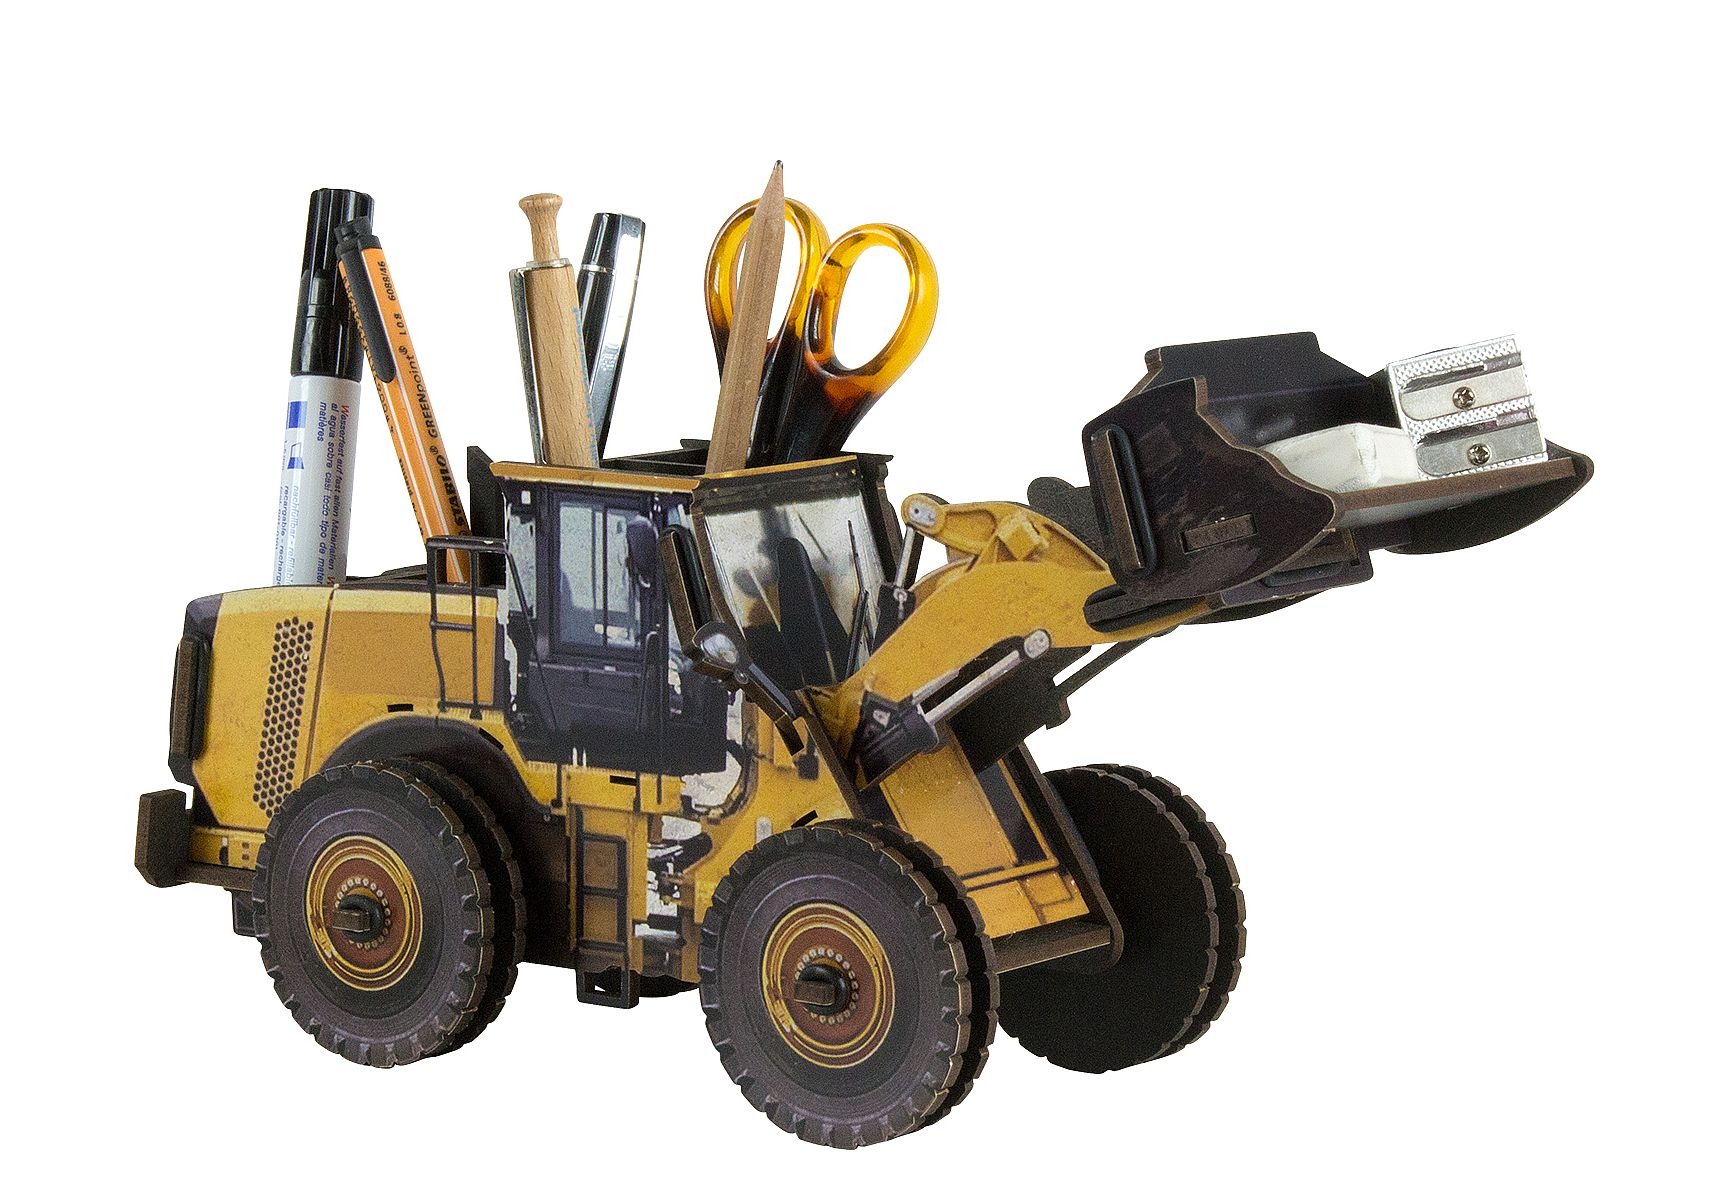 Stifte- Köcher Halter Baustelle Fahrzeug Werkhaus WE2054 Stiftebox Bagger